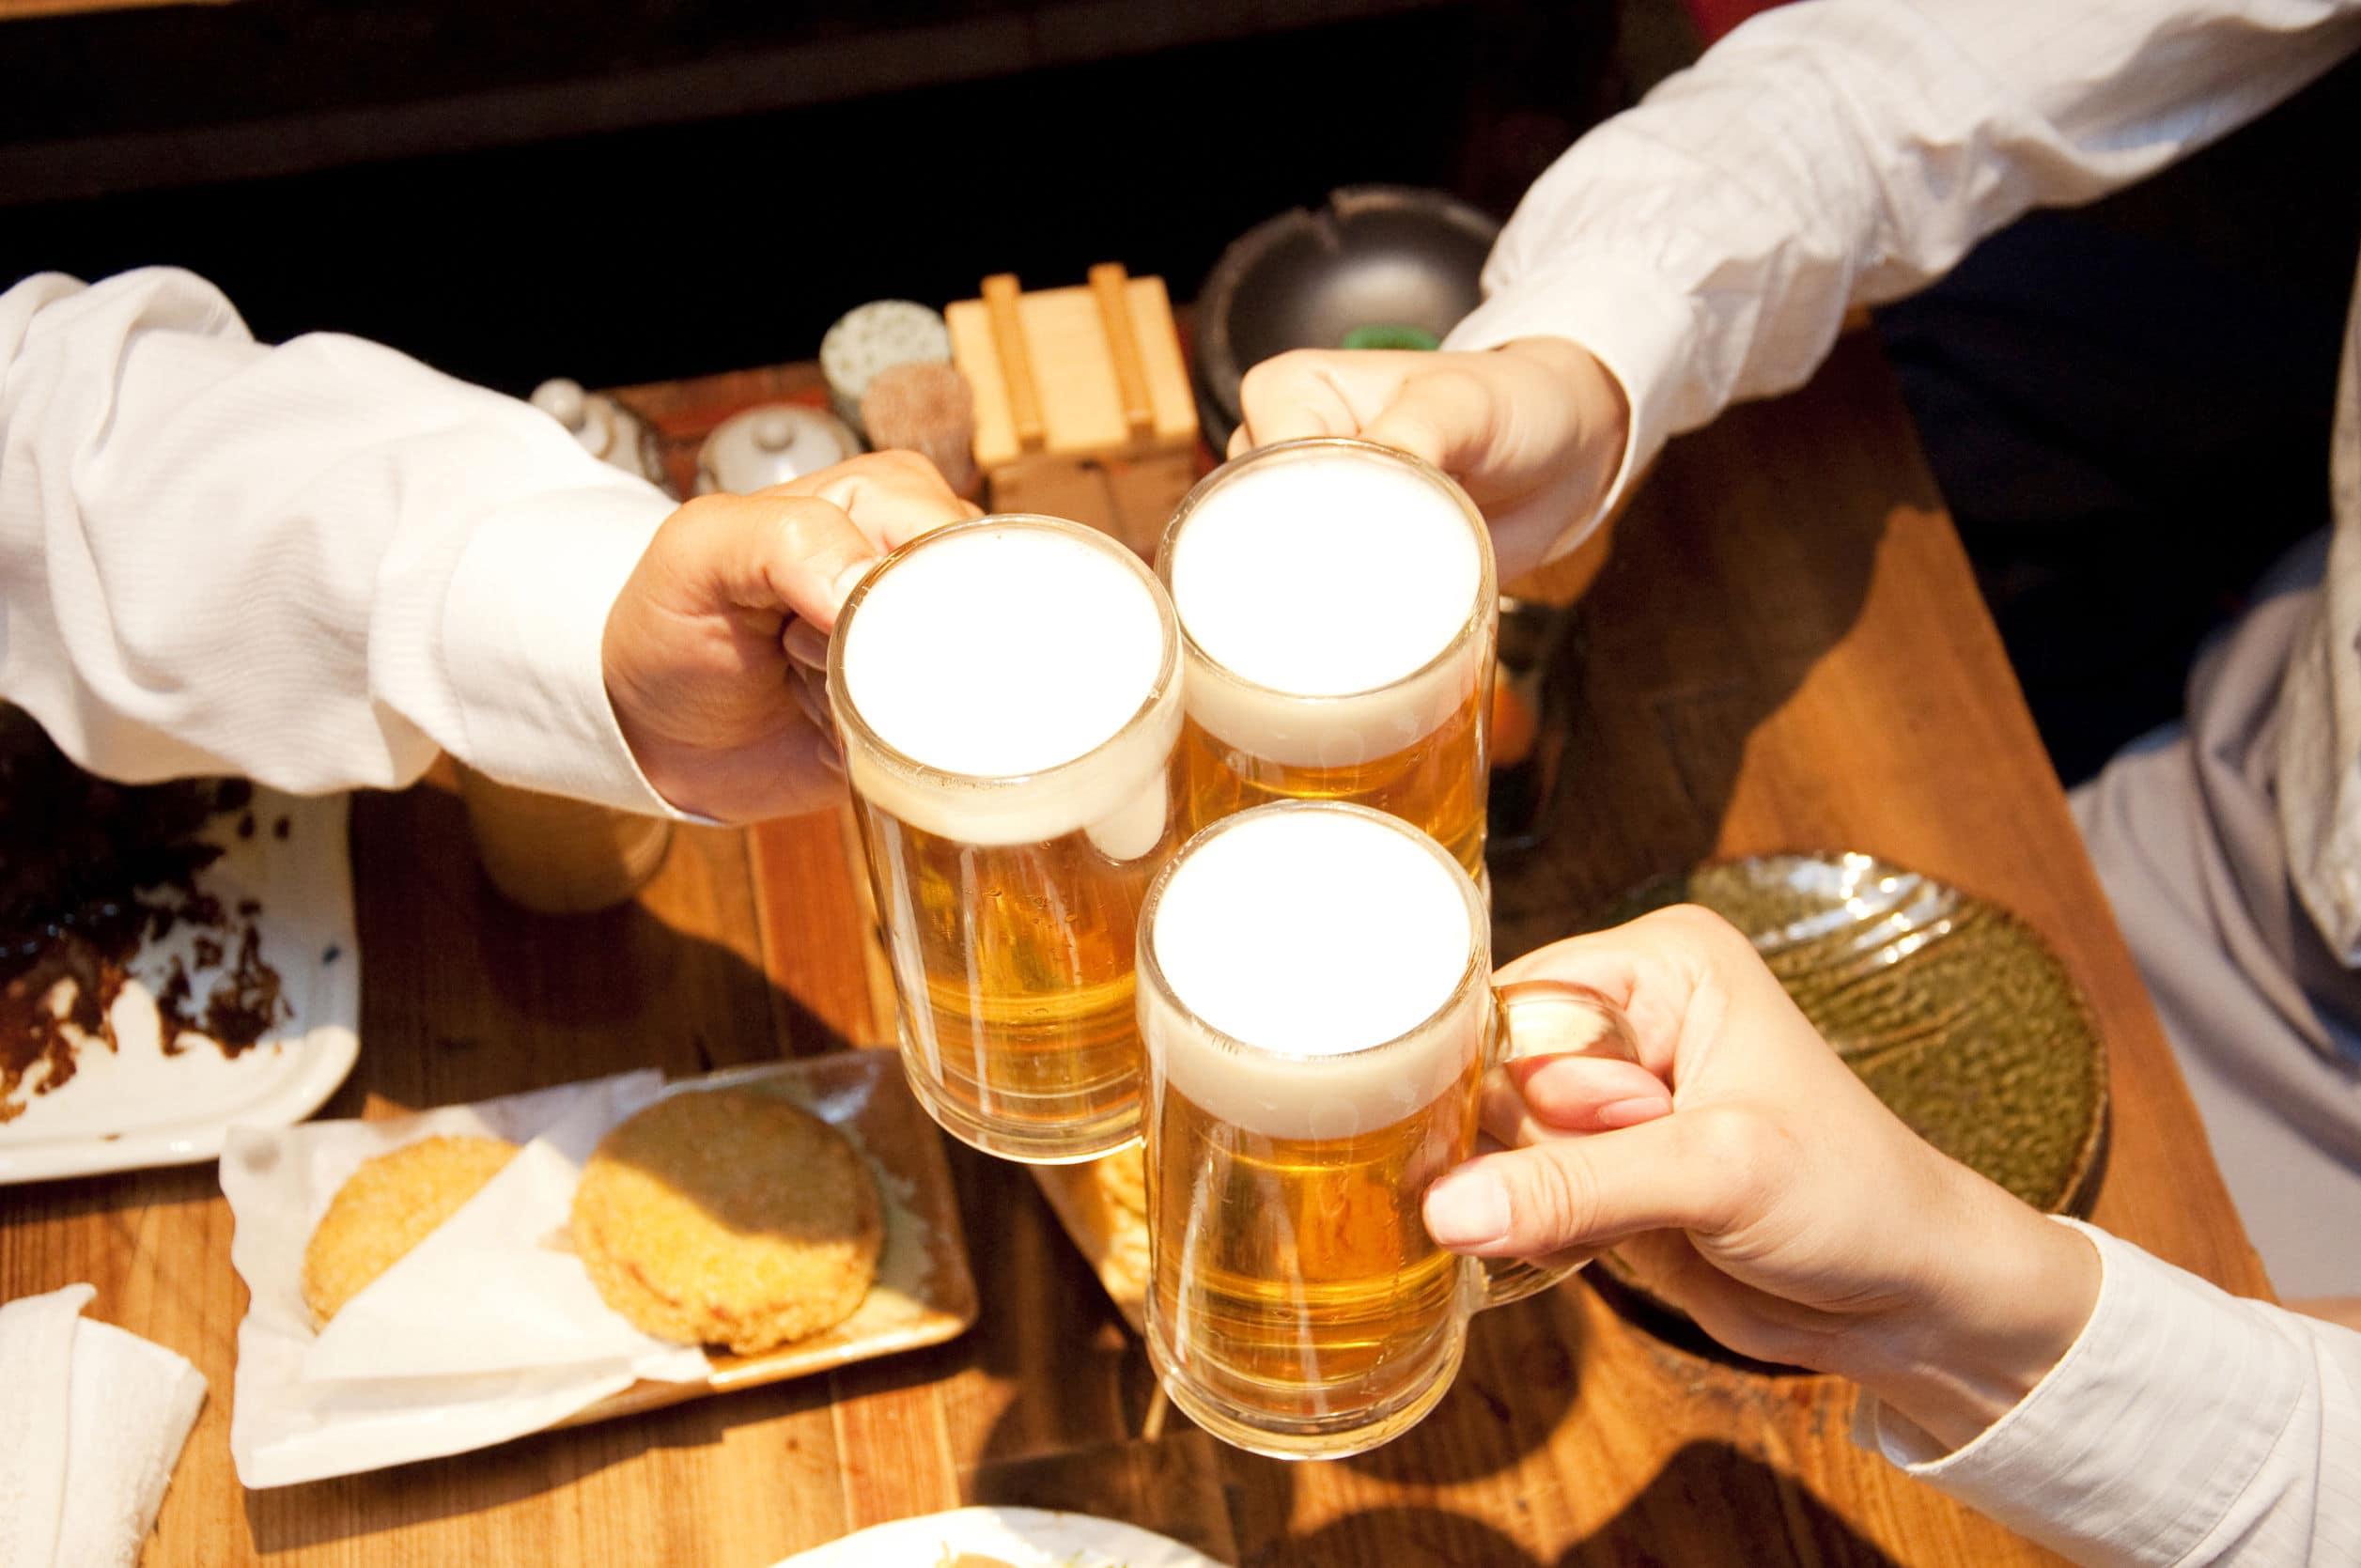 Алкоголь меняет механизм формирования памяти на молекулярном уровне